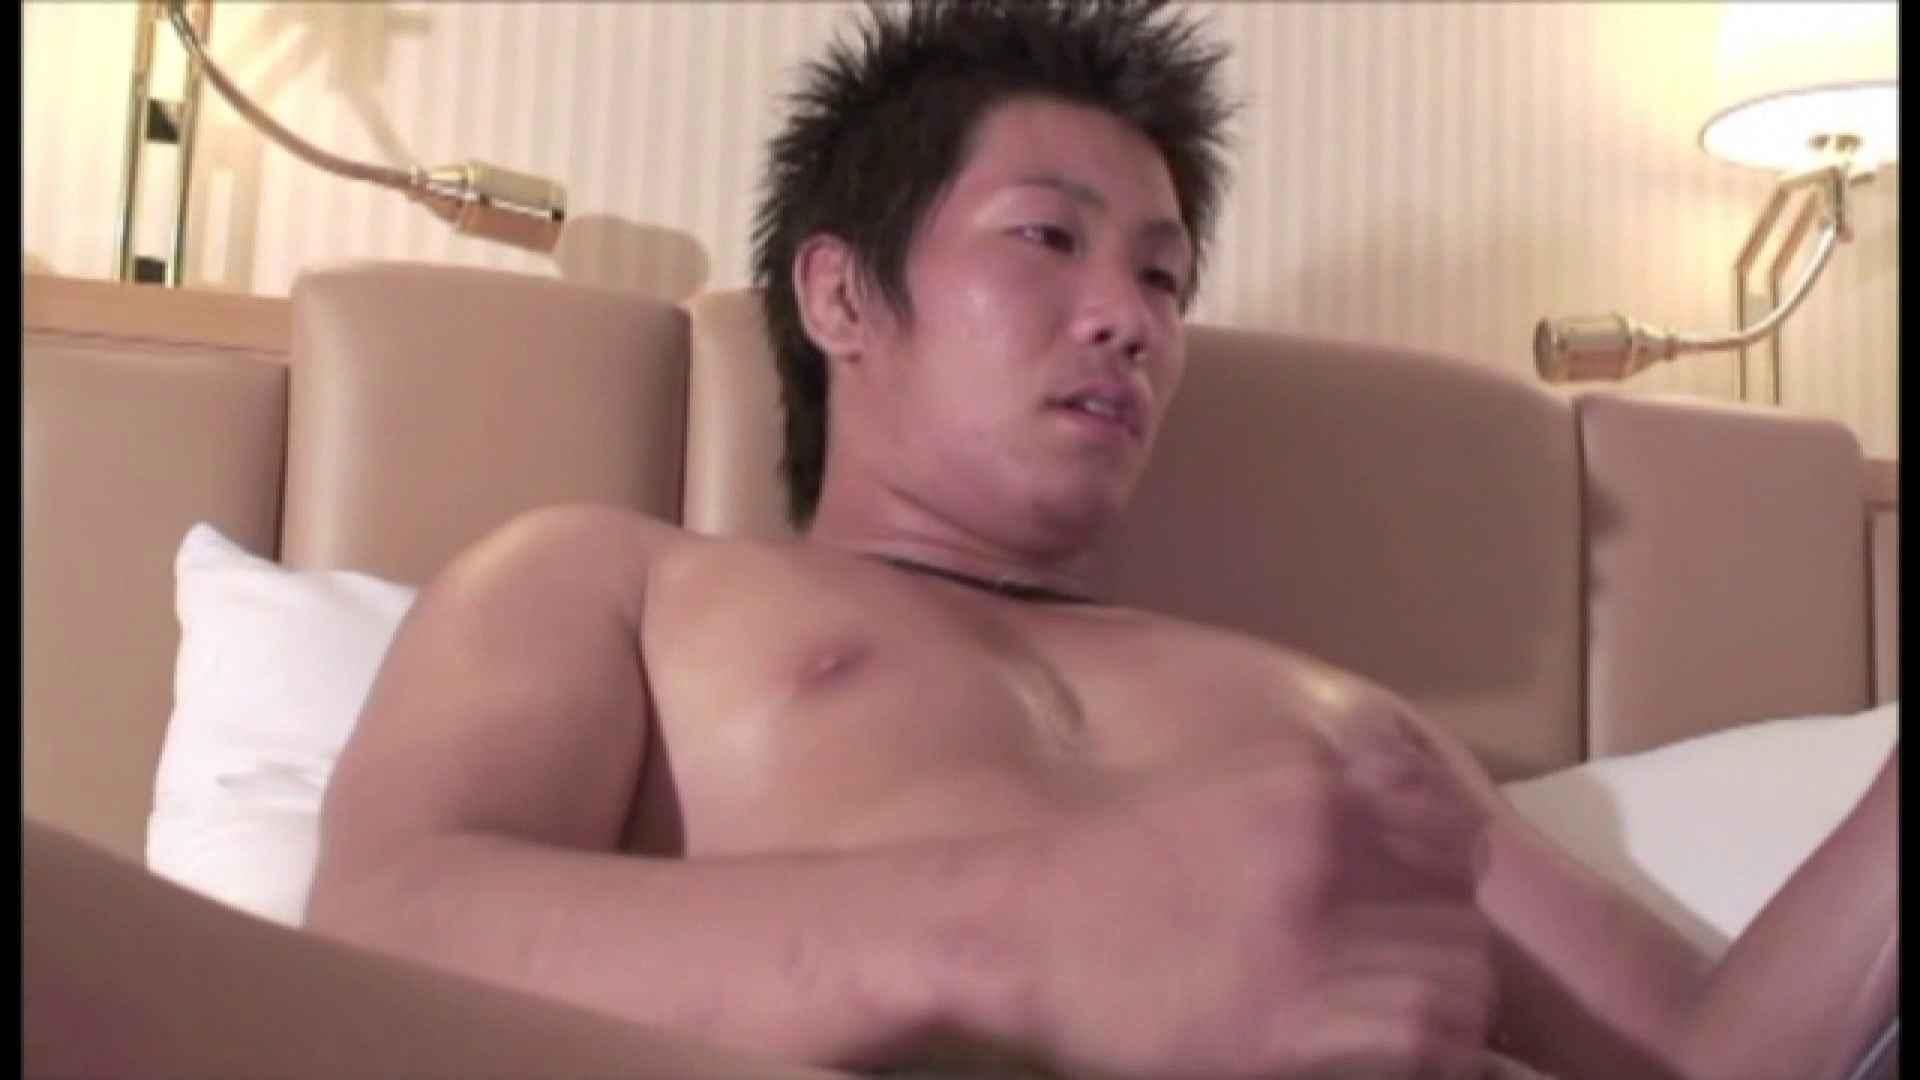 ノンケイケメンの欲望と肉棒 Vol.25 エロ  90pic 88